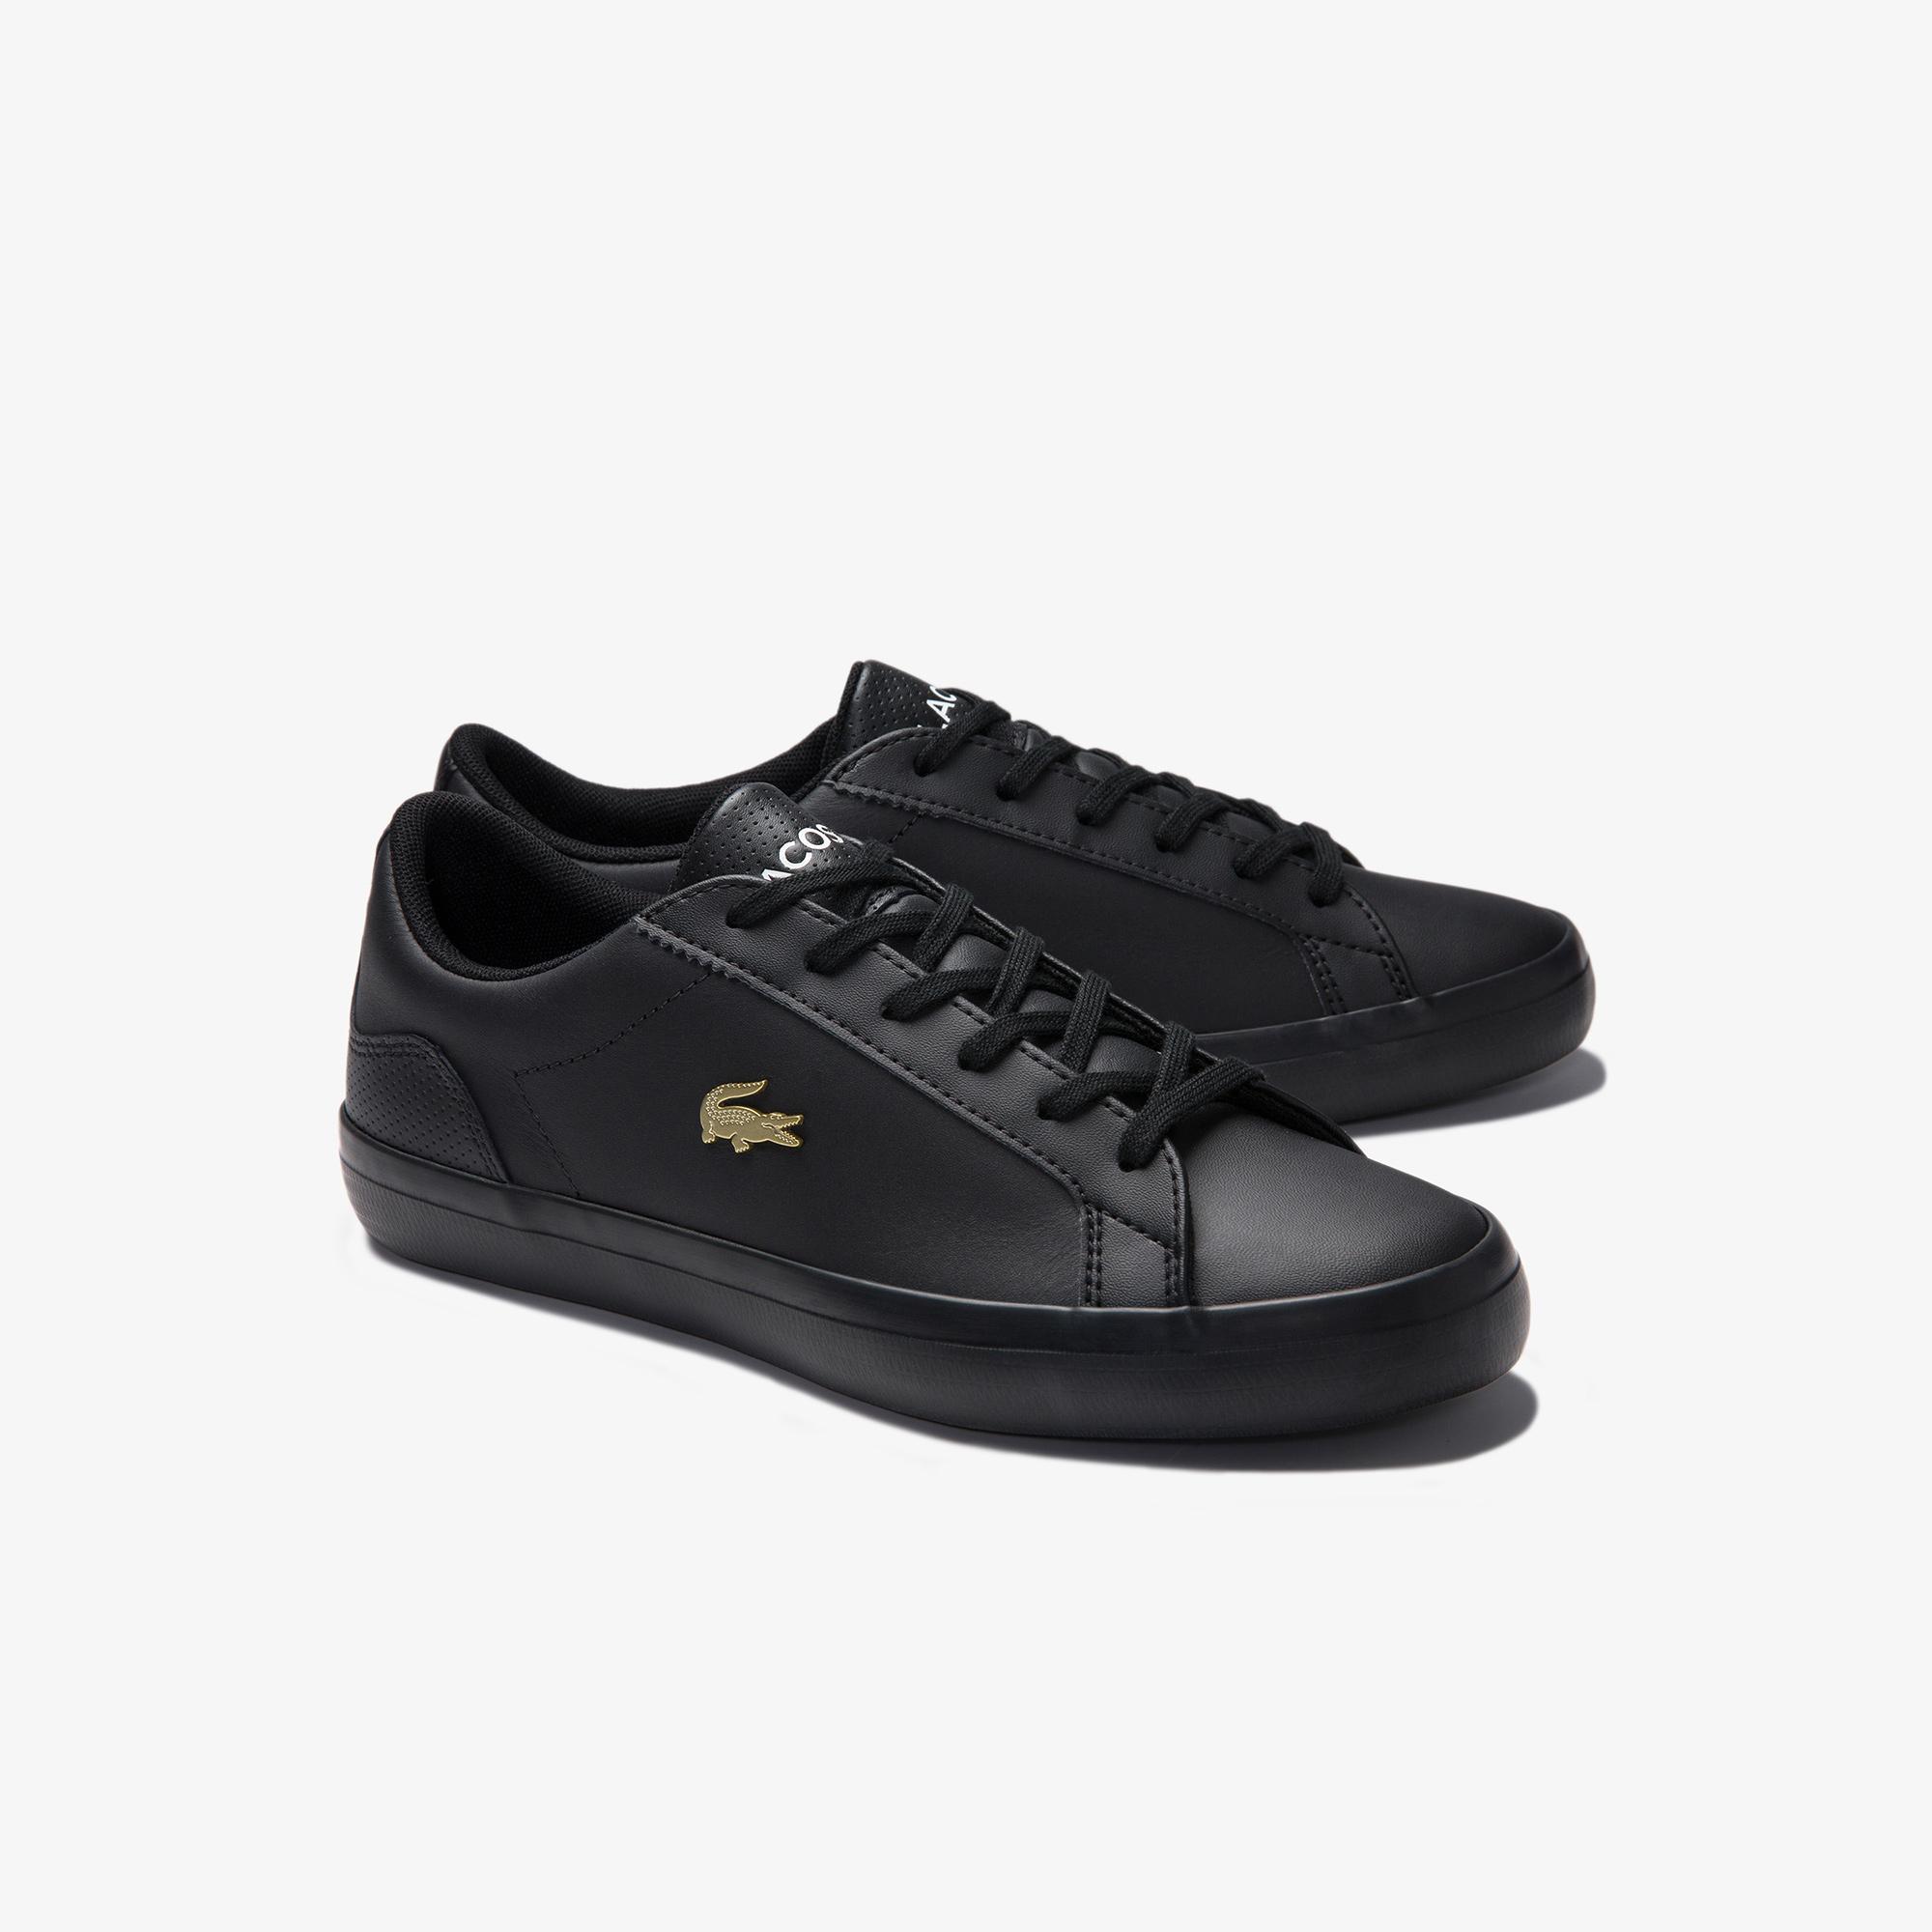 Lacoste Lerond 0120 2 Cfa Kadın Deri Siyah Casual Ayakkabı